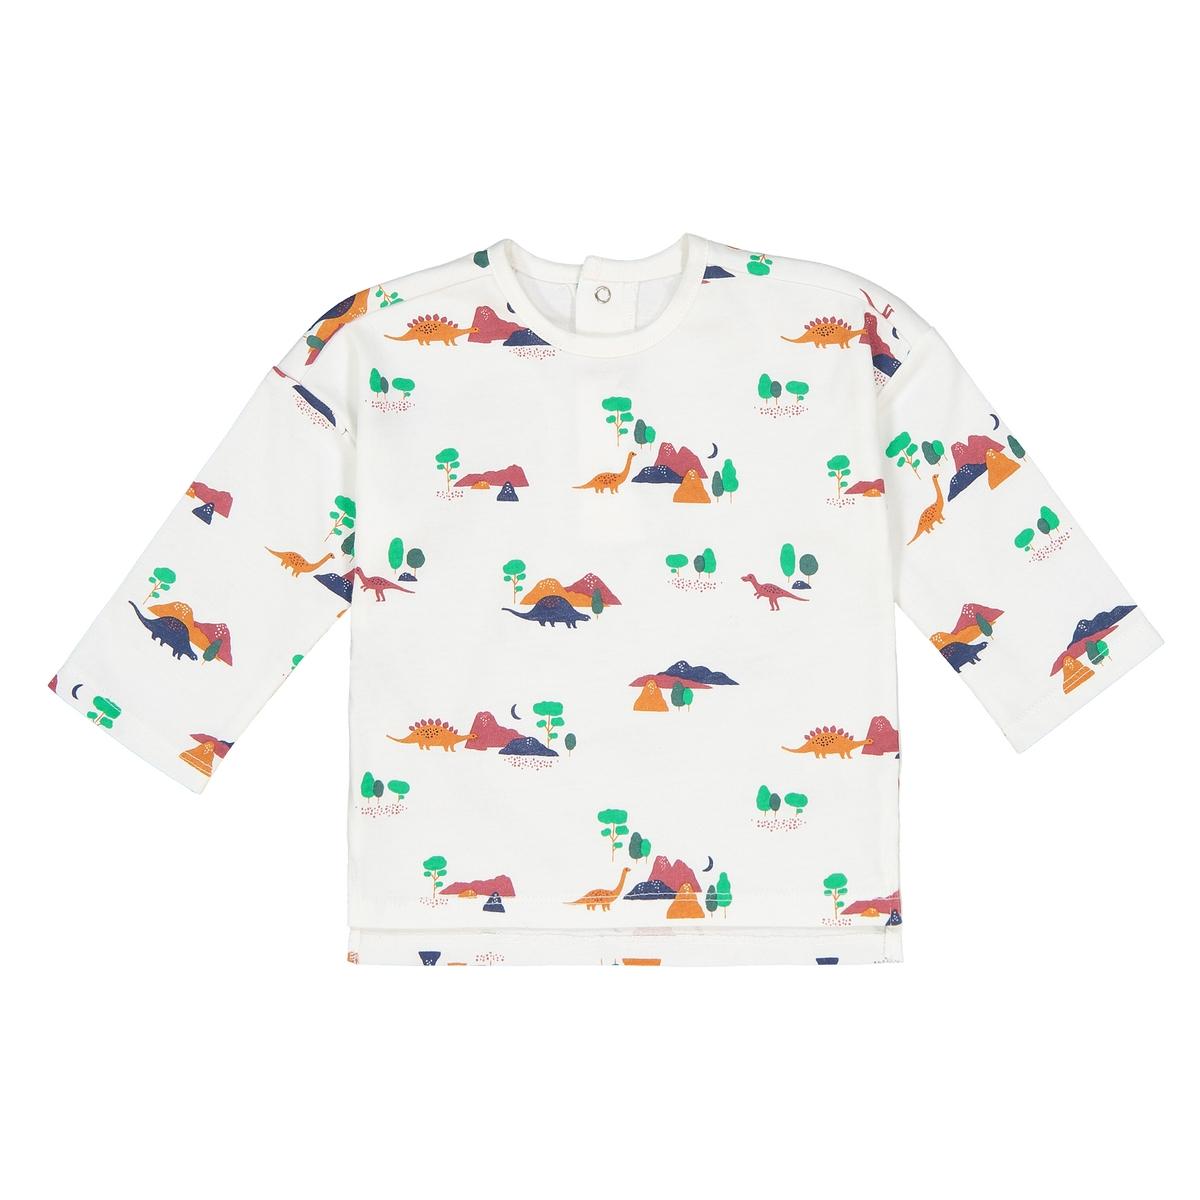 Футболка La Redoute С длинными рукавами и рисунком динозавр мес - лет 0 мес. - 50 см бежевый футболка la redoute с длинными рукавами с вышивкой мес года 0 мес 50 см бежевый